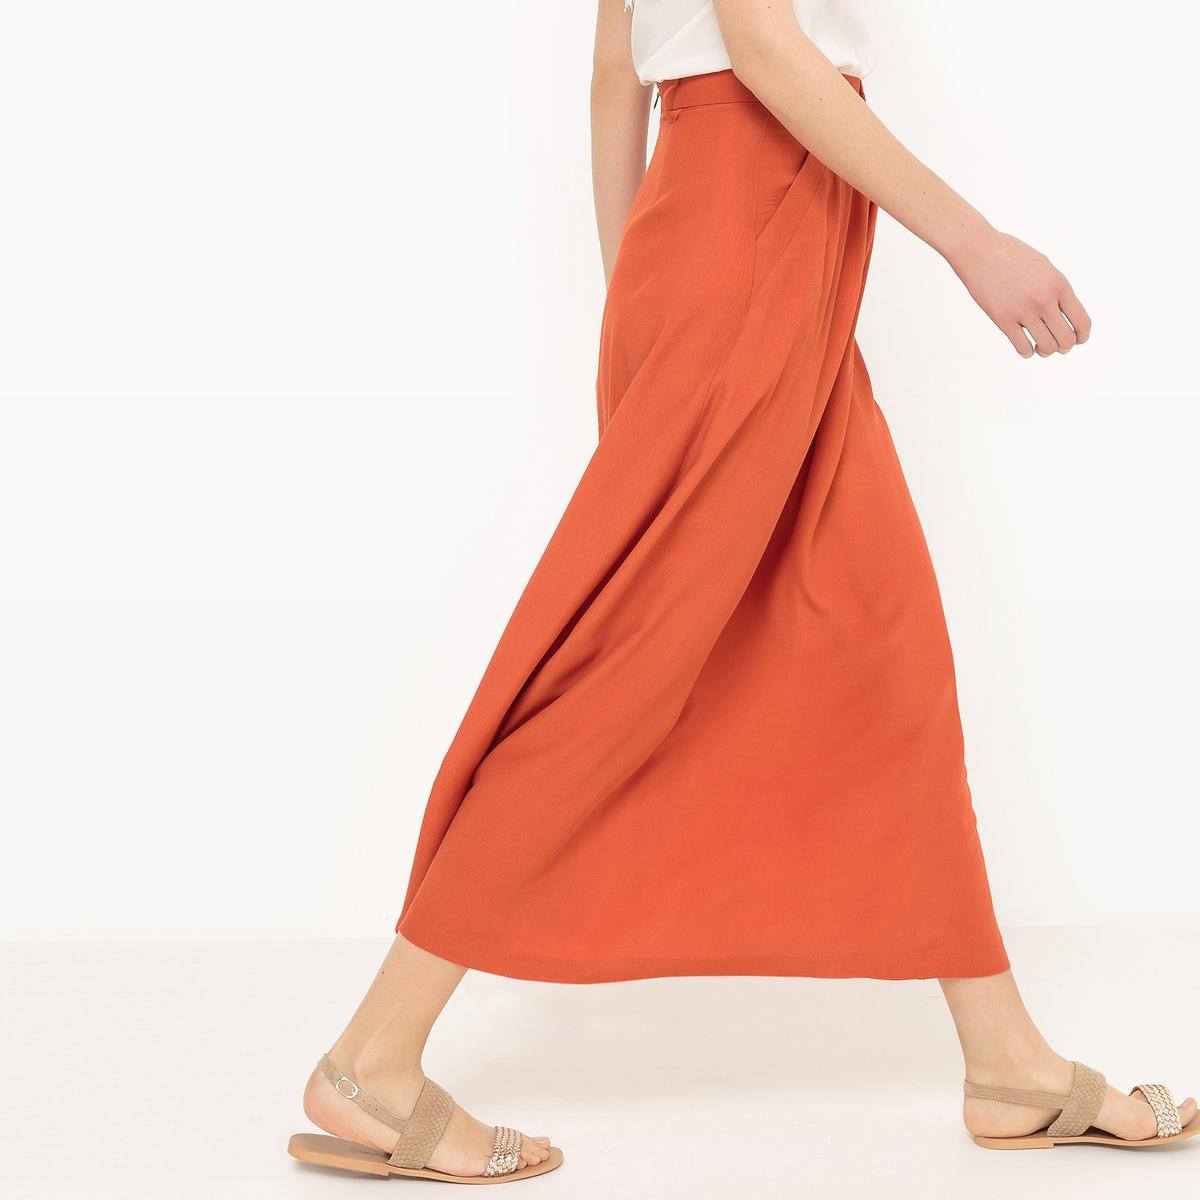 Юбка длинная, расклешенная, однотоннаяДетали  •  Форма : МАКСИ •  Удлиненная модель Состав и уход •  100% полиэстер •  Следуйте советам по уходу, указанным на этикетке<br><br>Цвет: оранжевый<br>Размер: XL